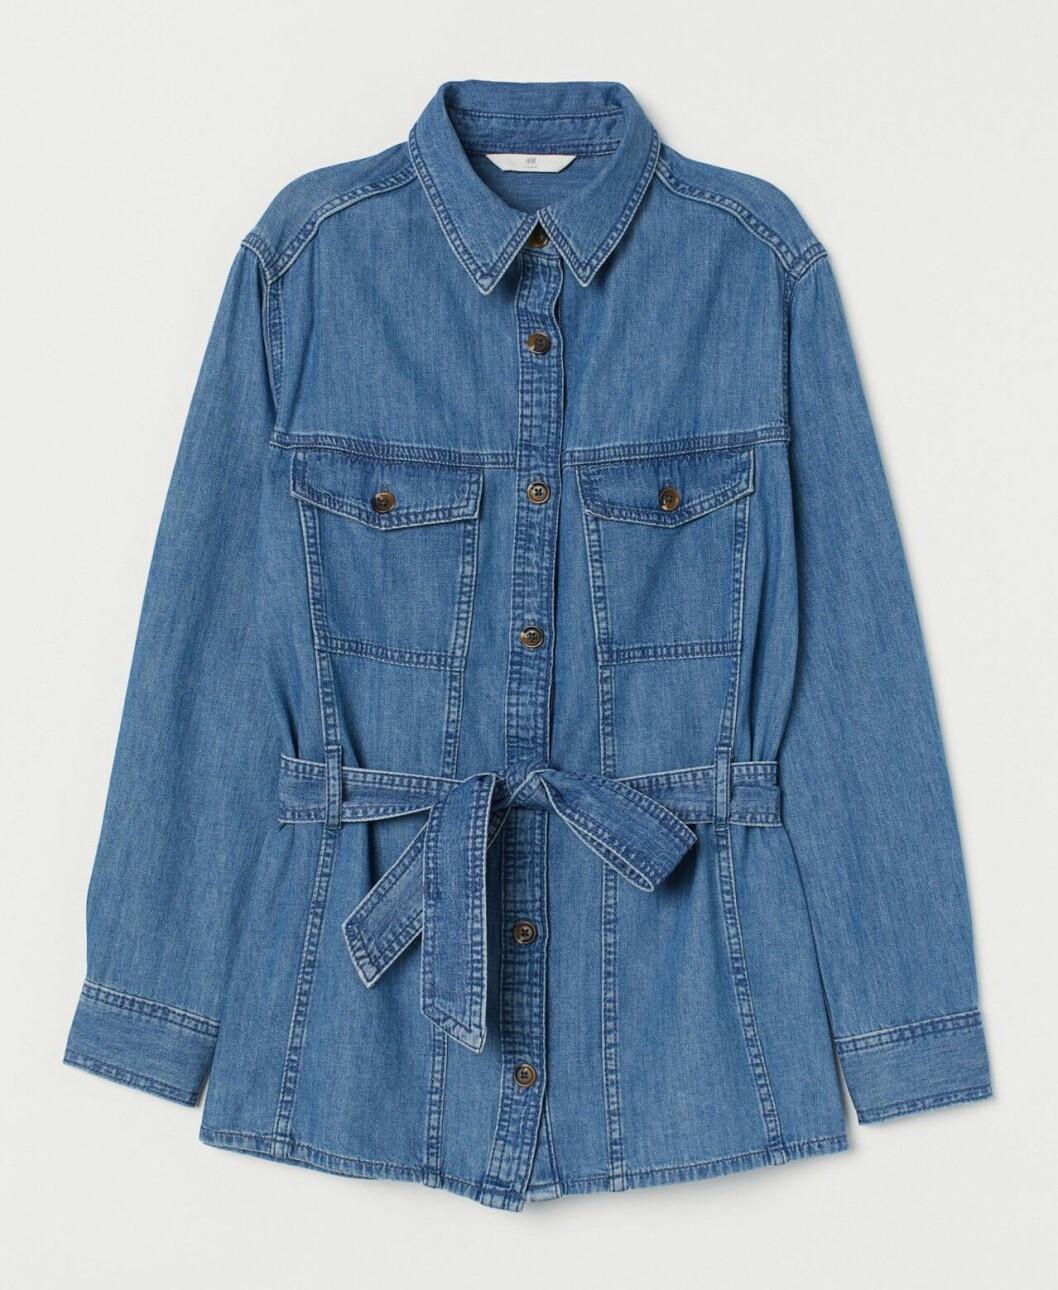 Vårjacka 2020: Jeansjacka med knytband i midjan